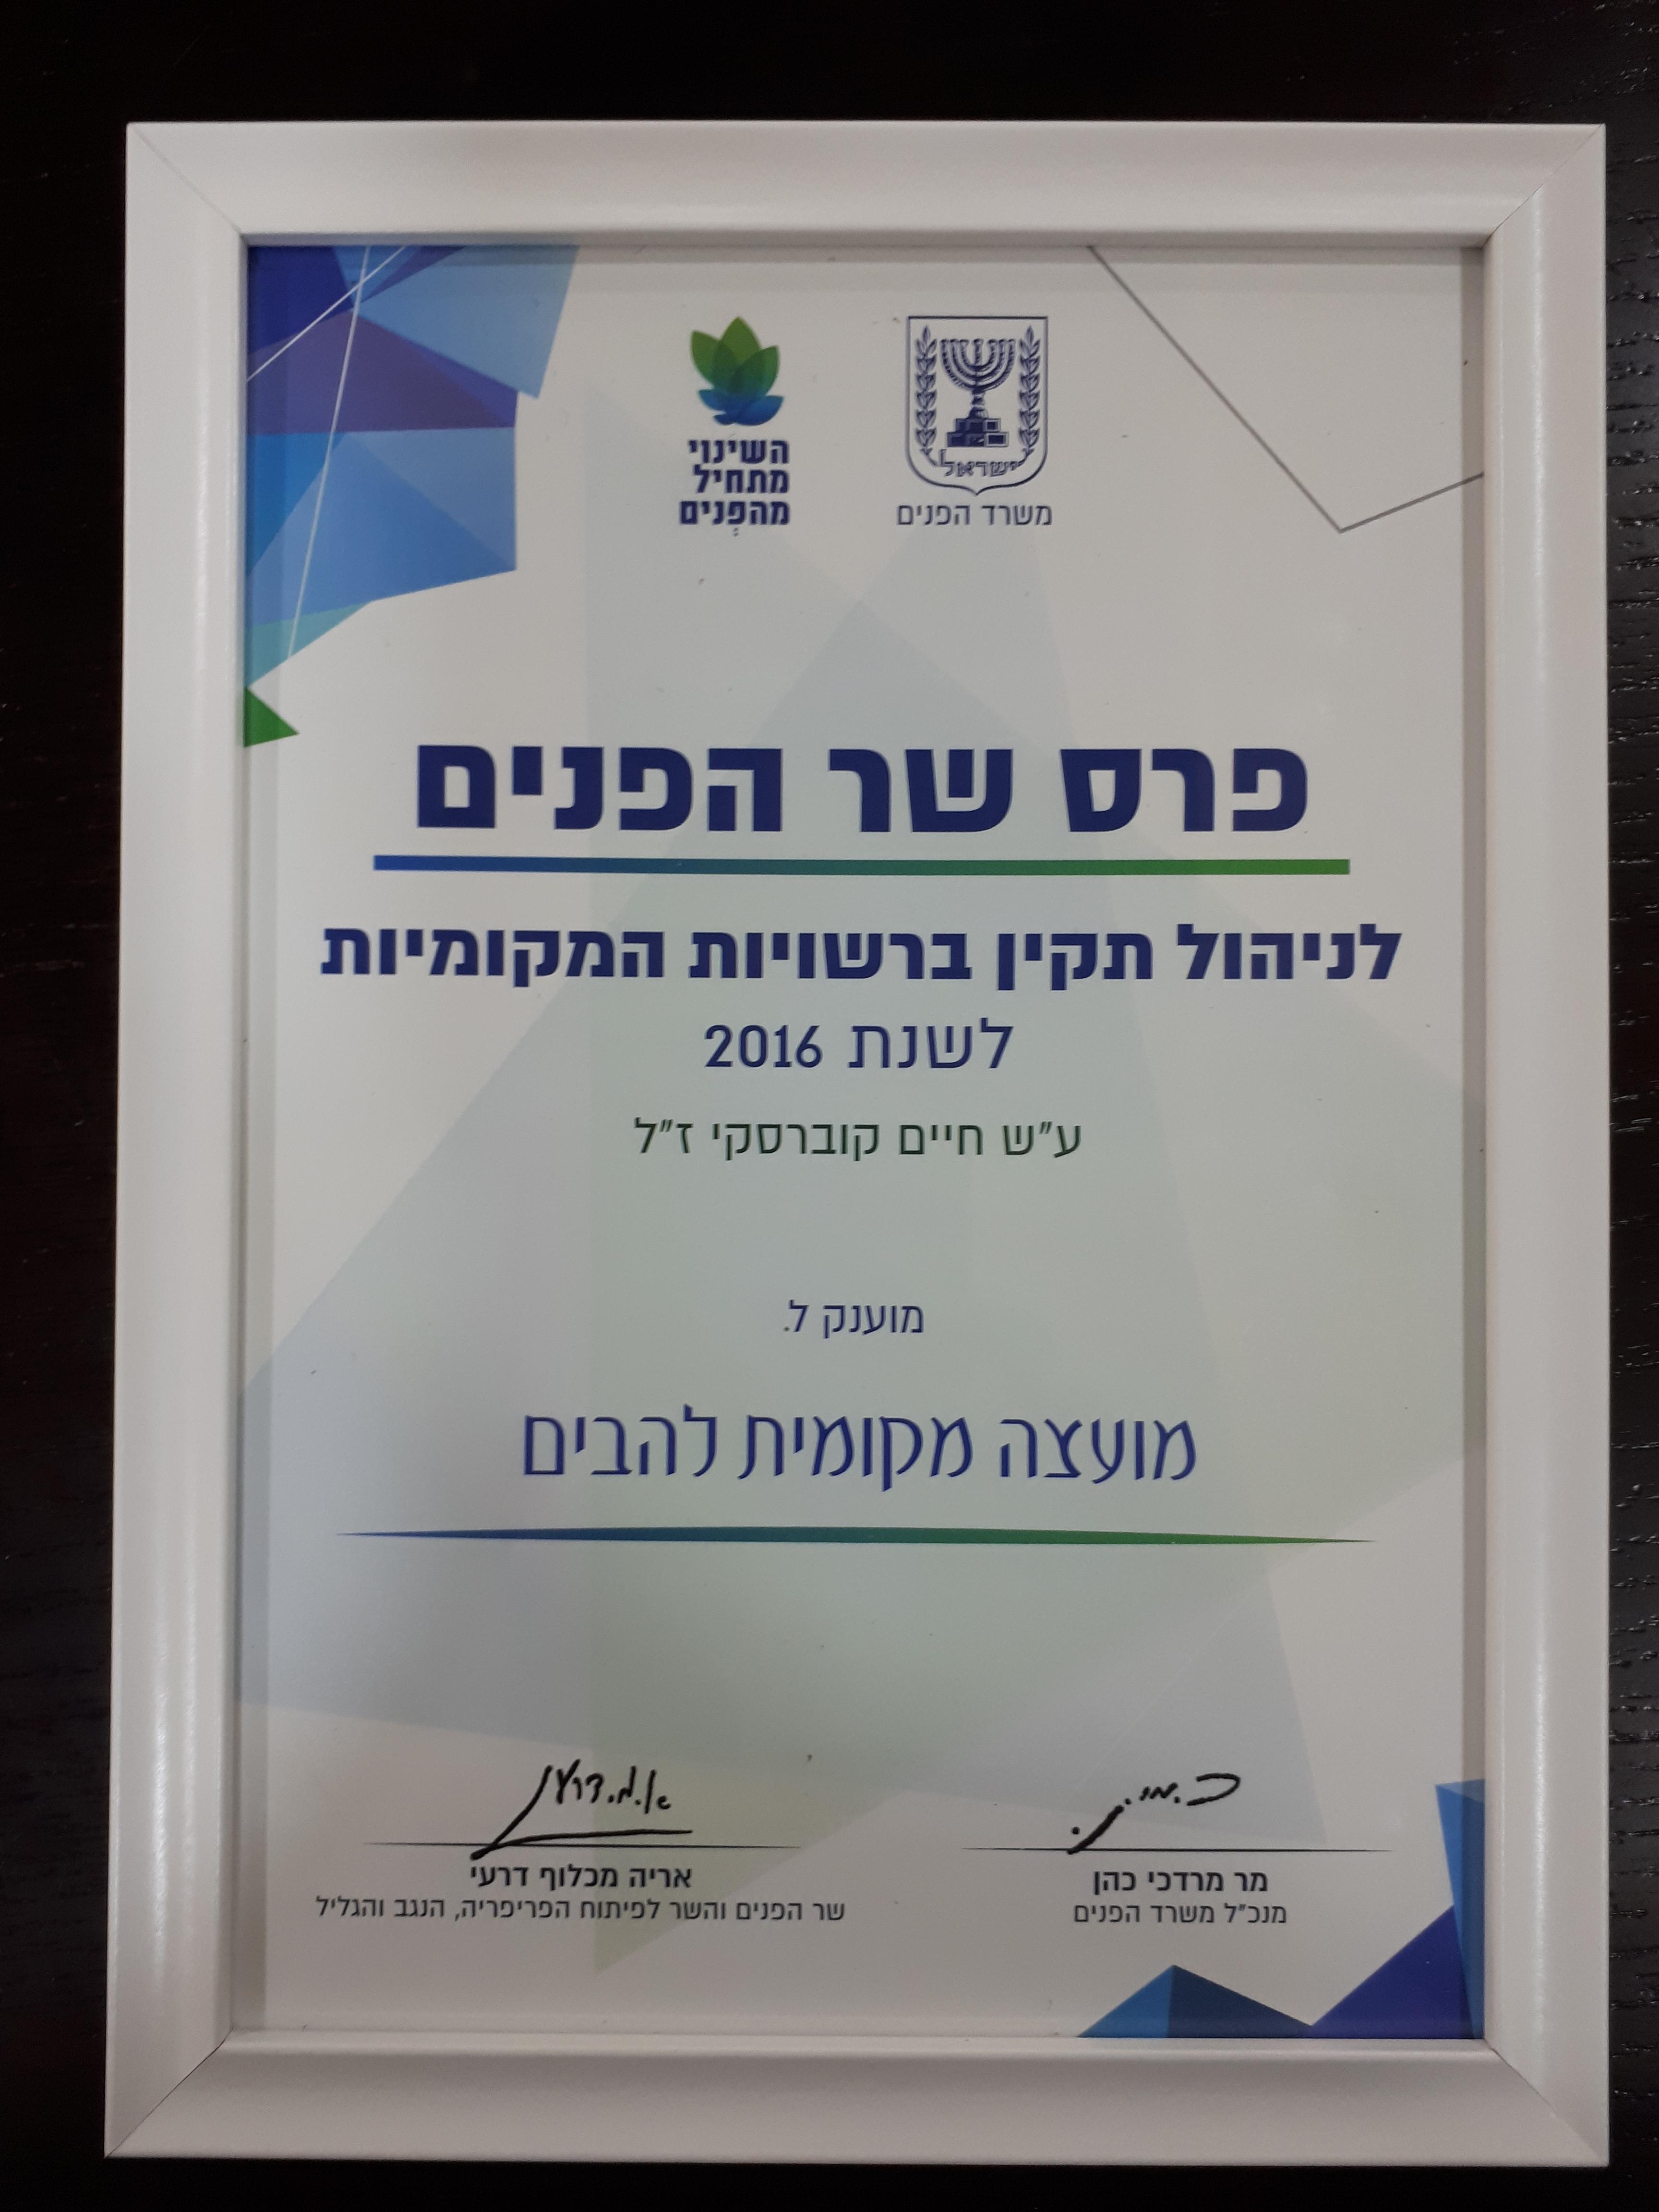 פרס ניהול כספי תקין לשנת 2016-2017